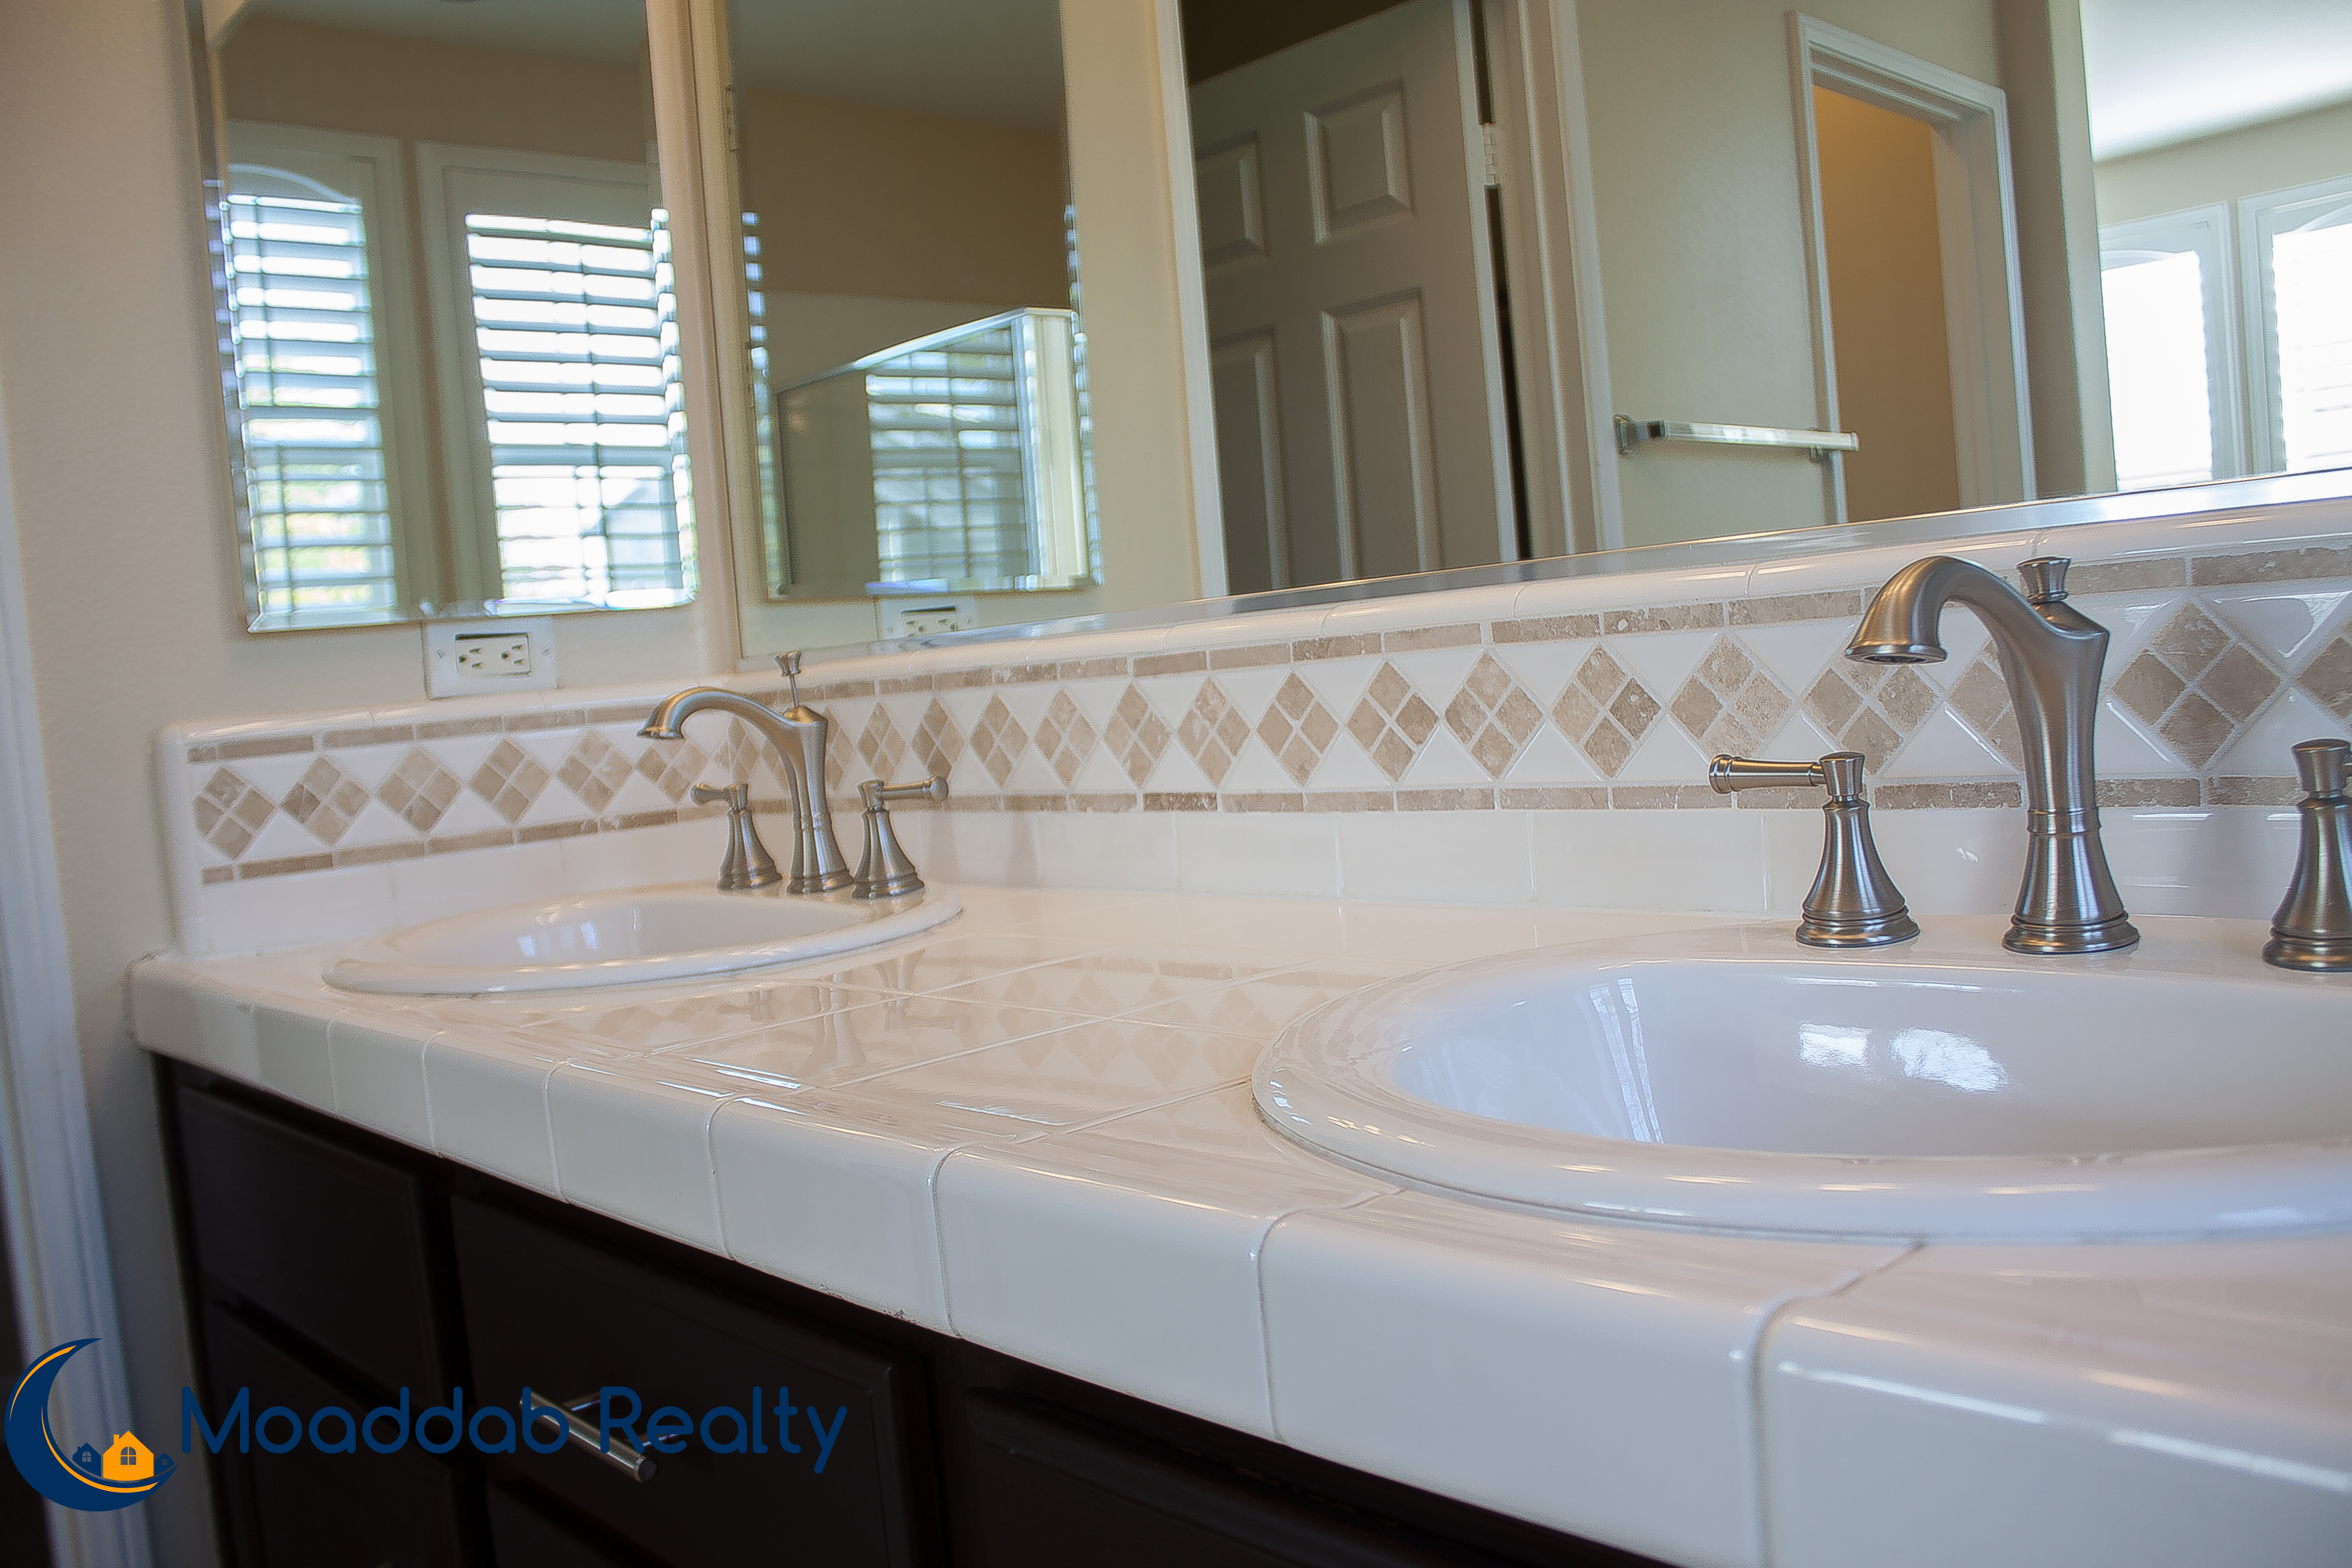 Master Bathroom Dual Vanity Sinks